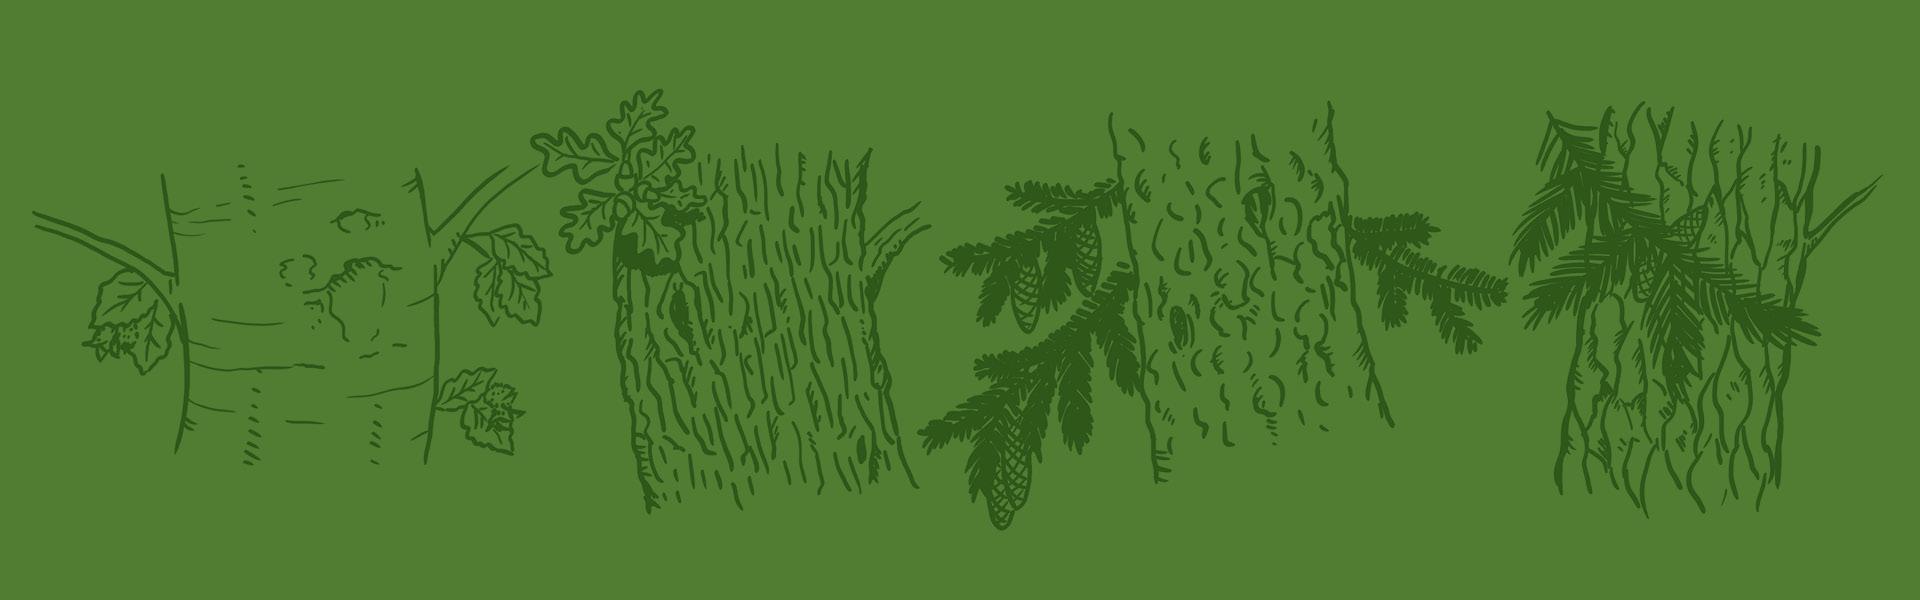 Illustration auf dunkelgrünem Hintergrund mit einer Buche, Eiche, Fichte und Kiefer.